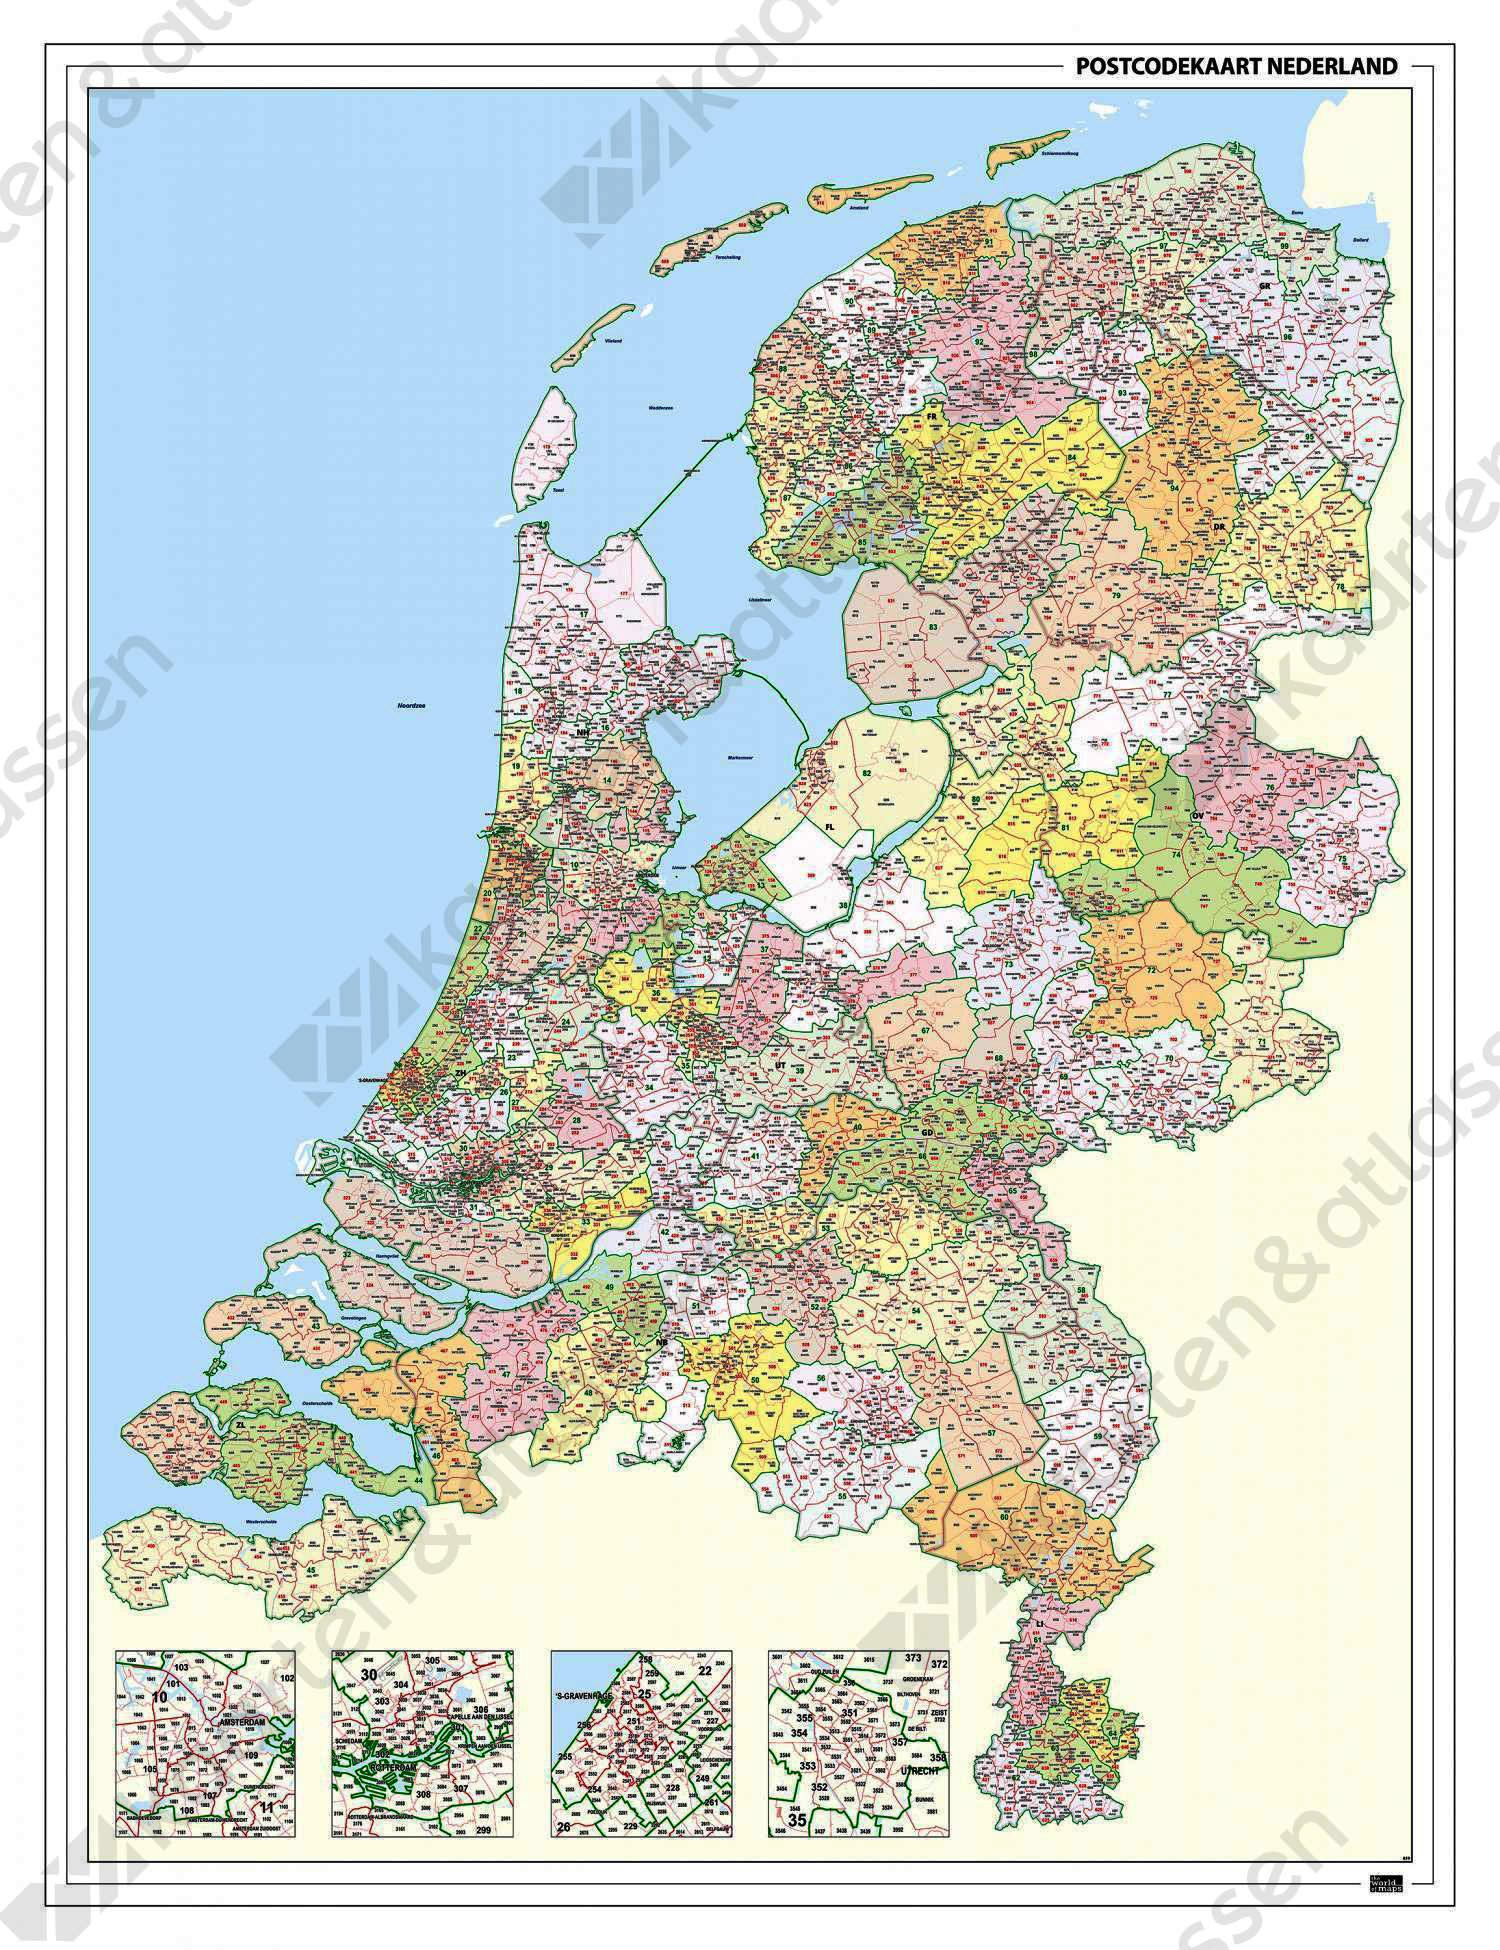 2-, 3- en 4-cijferige Postcodekaart Nederland 859